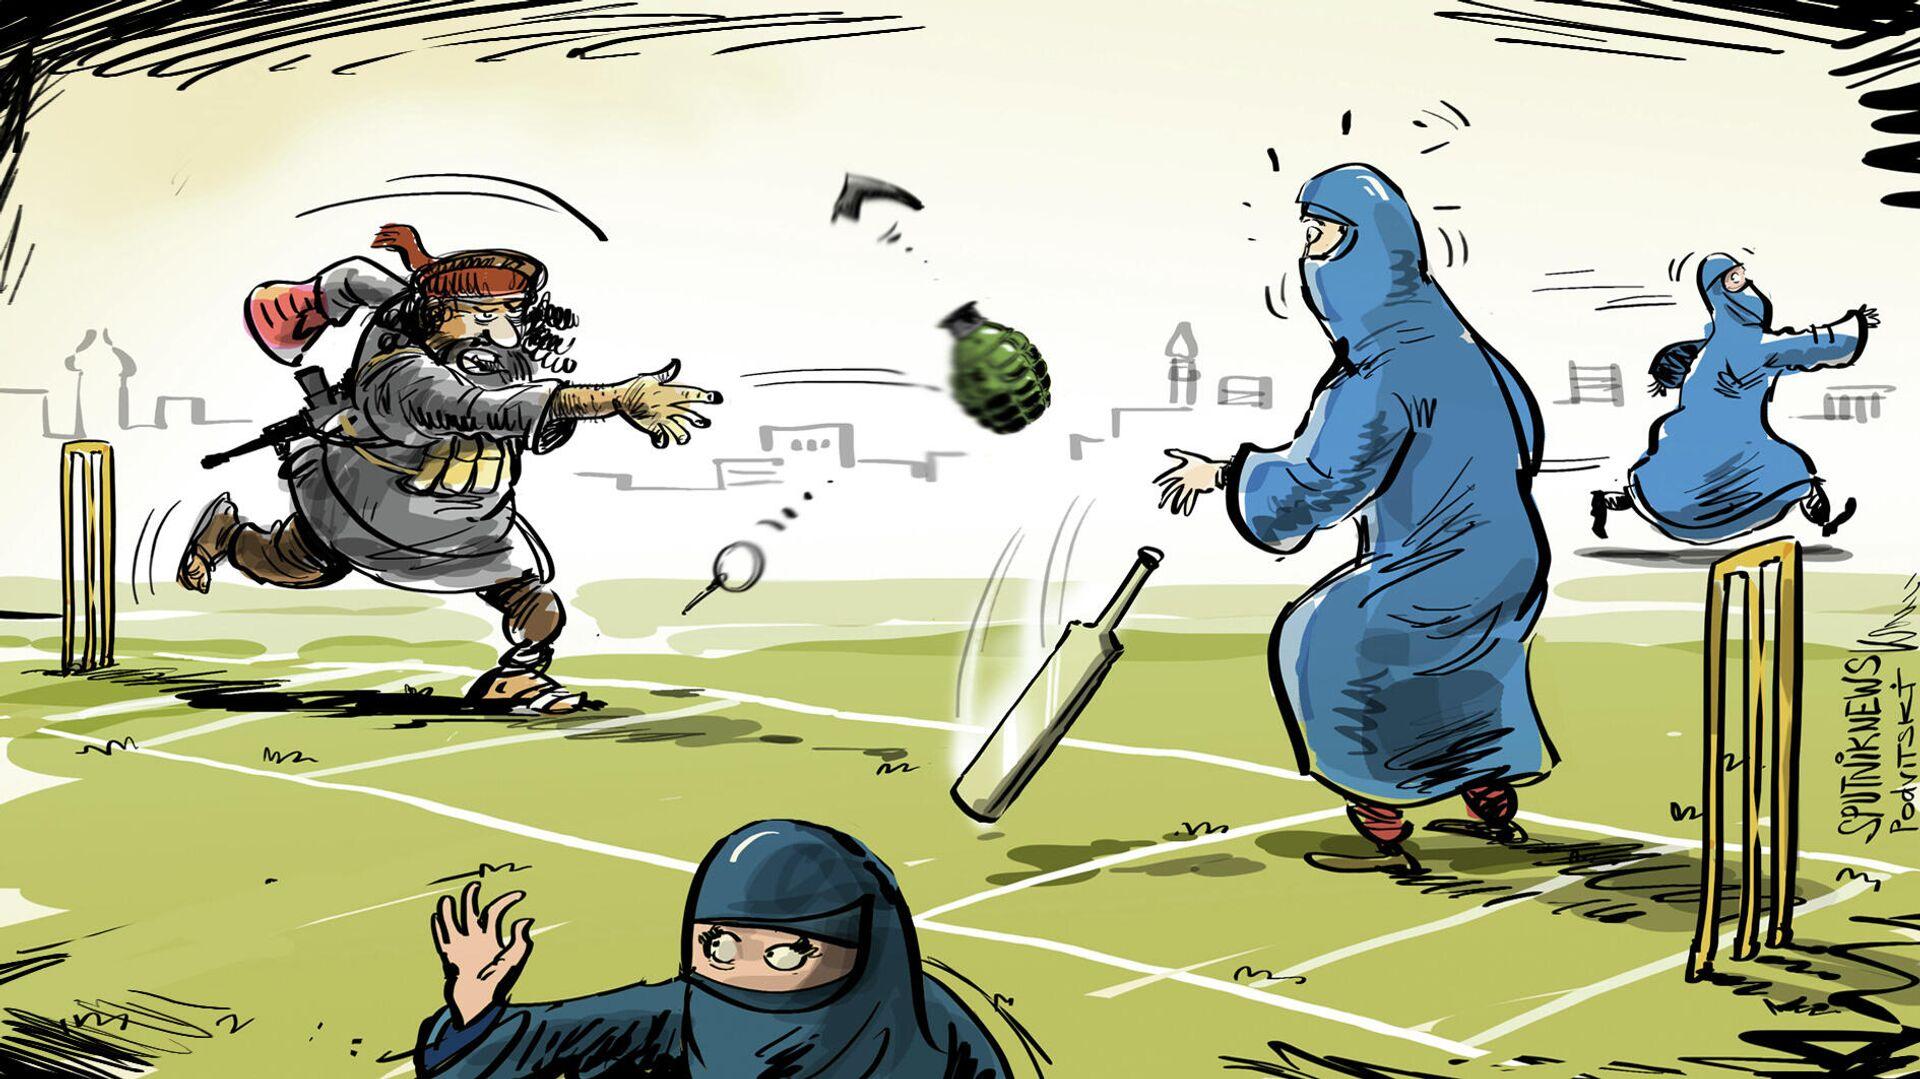 Los talibanes dejan a las mujeres afganas sin deportes - Sputnik Mundo, 1920, 08.09.2021